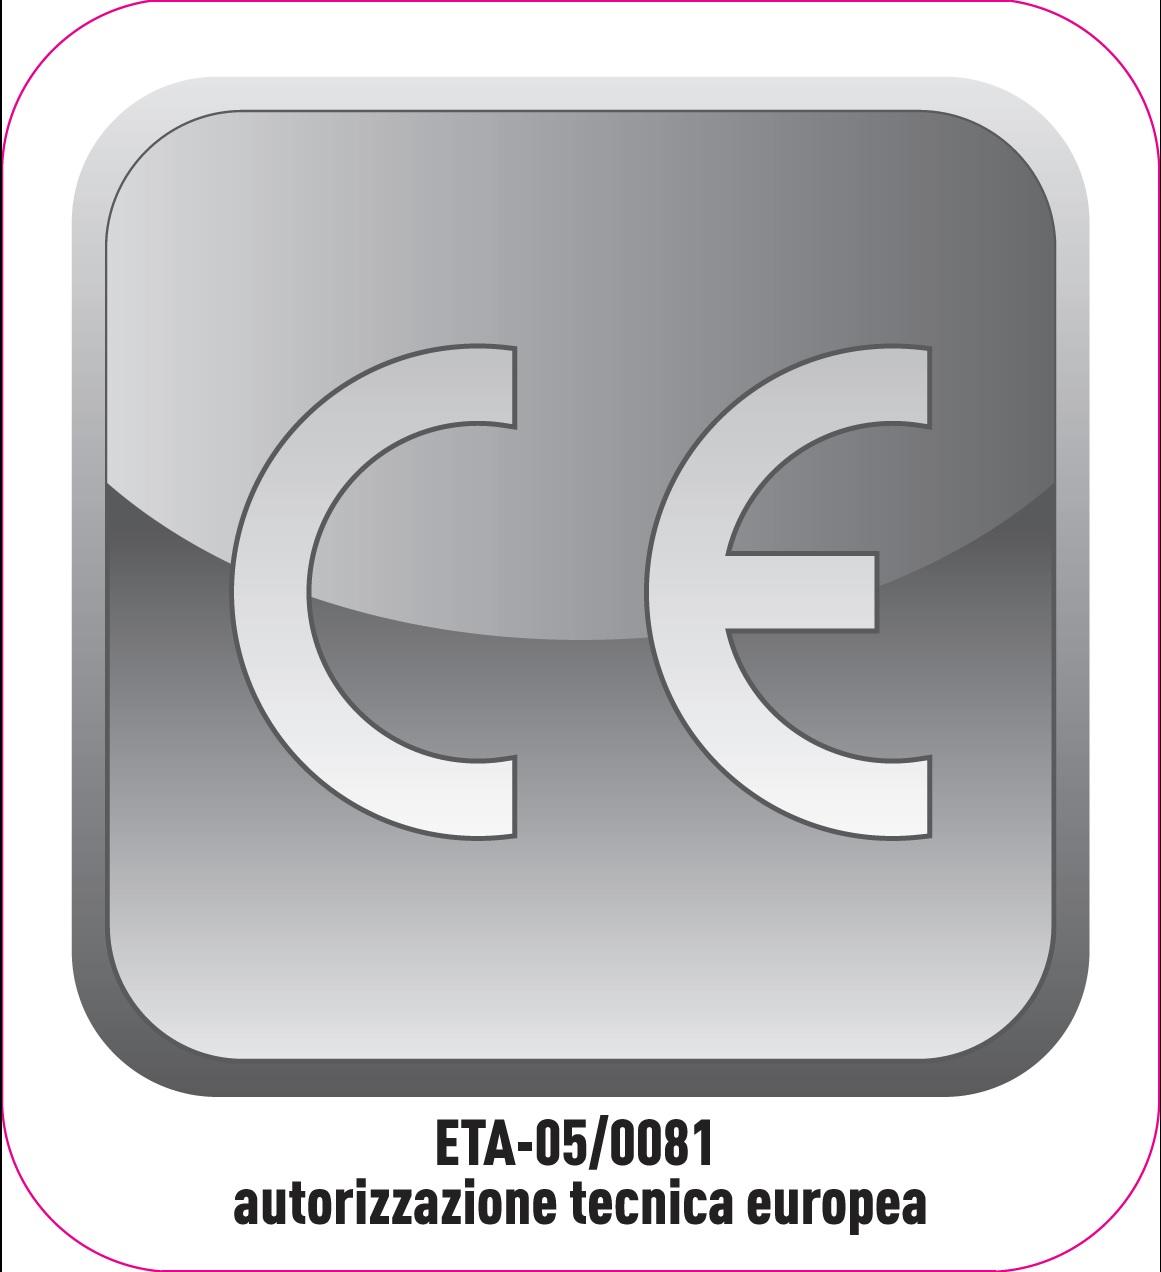 Treppen haben eine CE/ETA Zertifizierung.